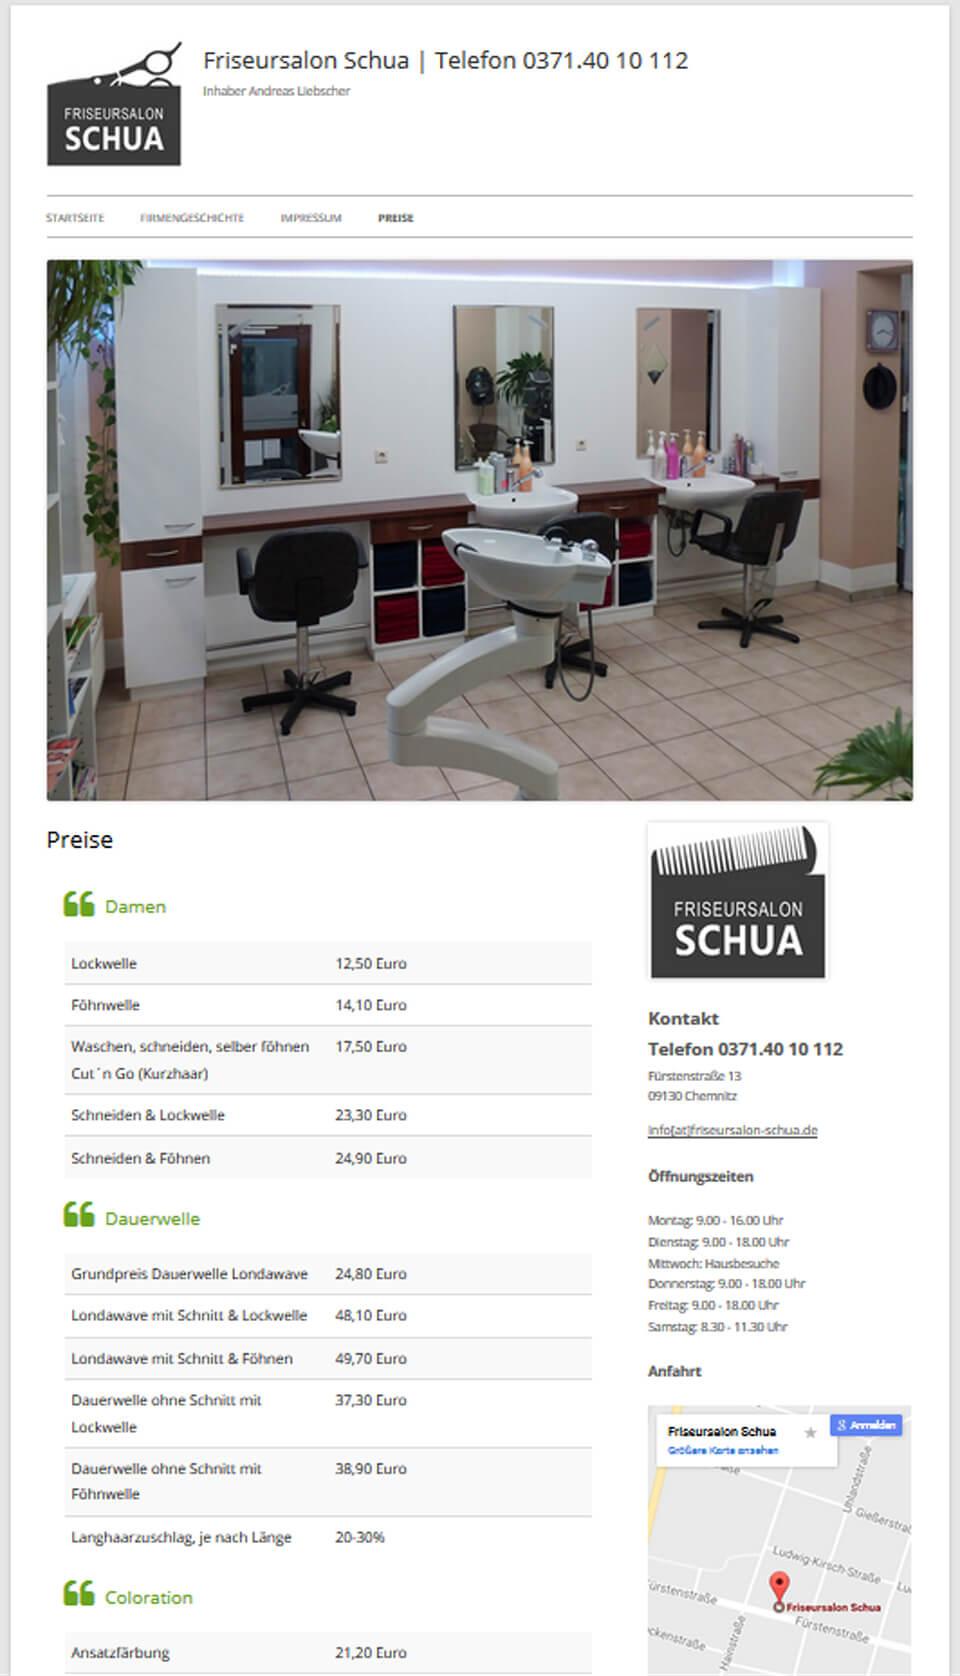 Responsives Webdesign für Friseursalon Schua Chemnitz von trendsetter media Werbeagentur